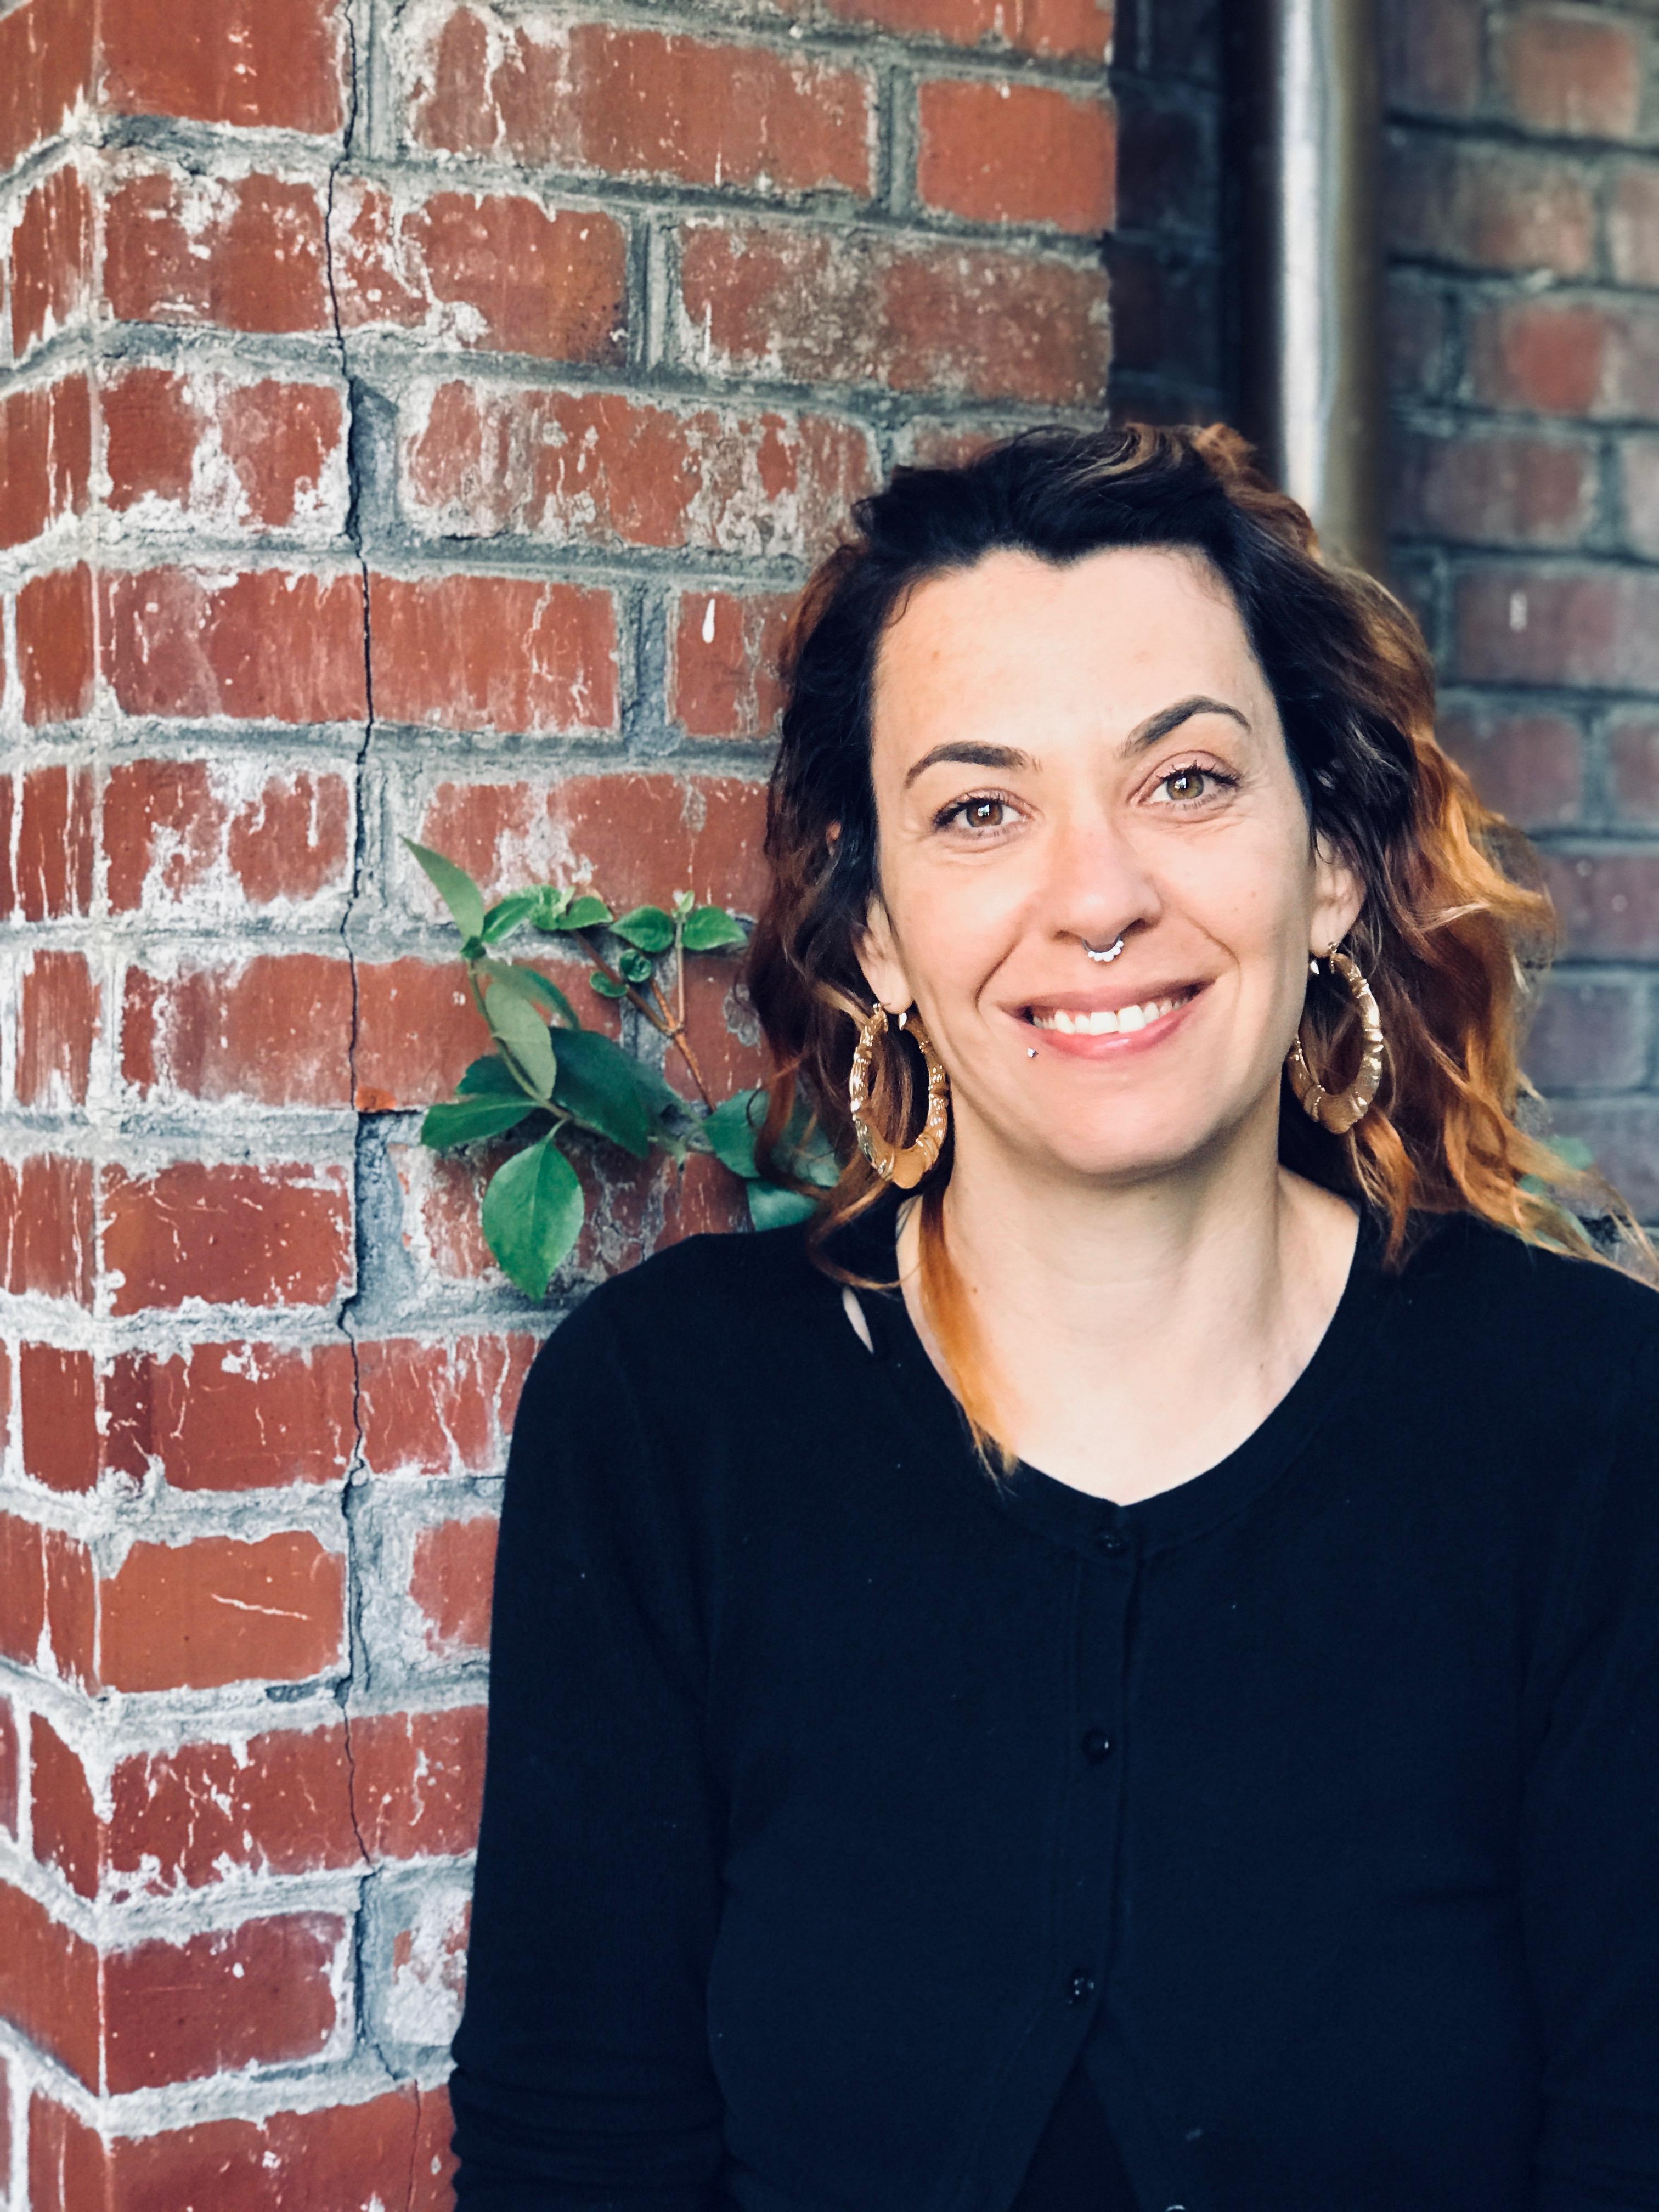 Nickie Tilsner